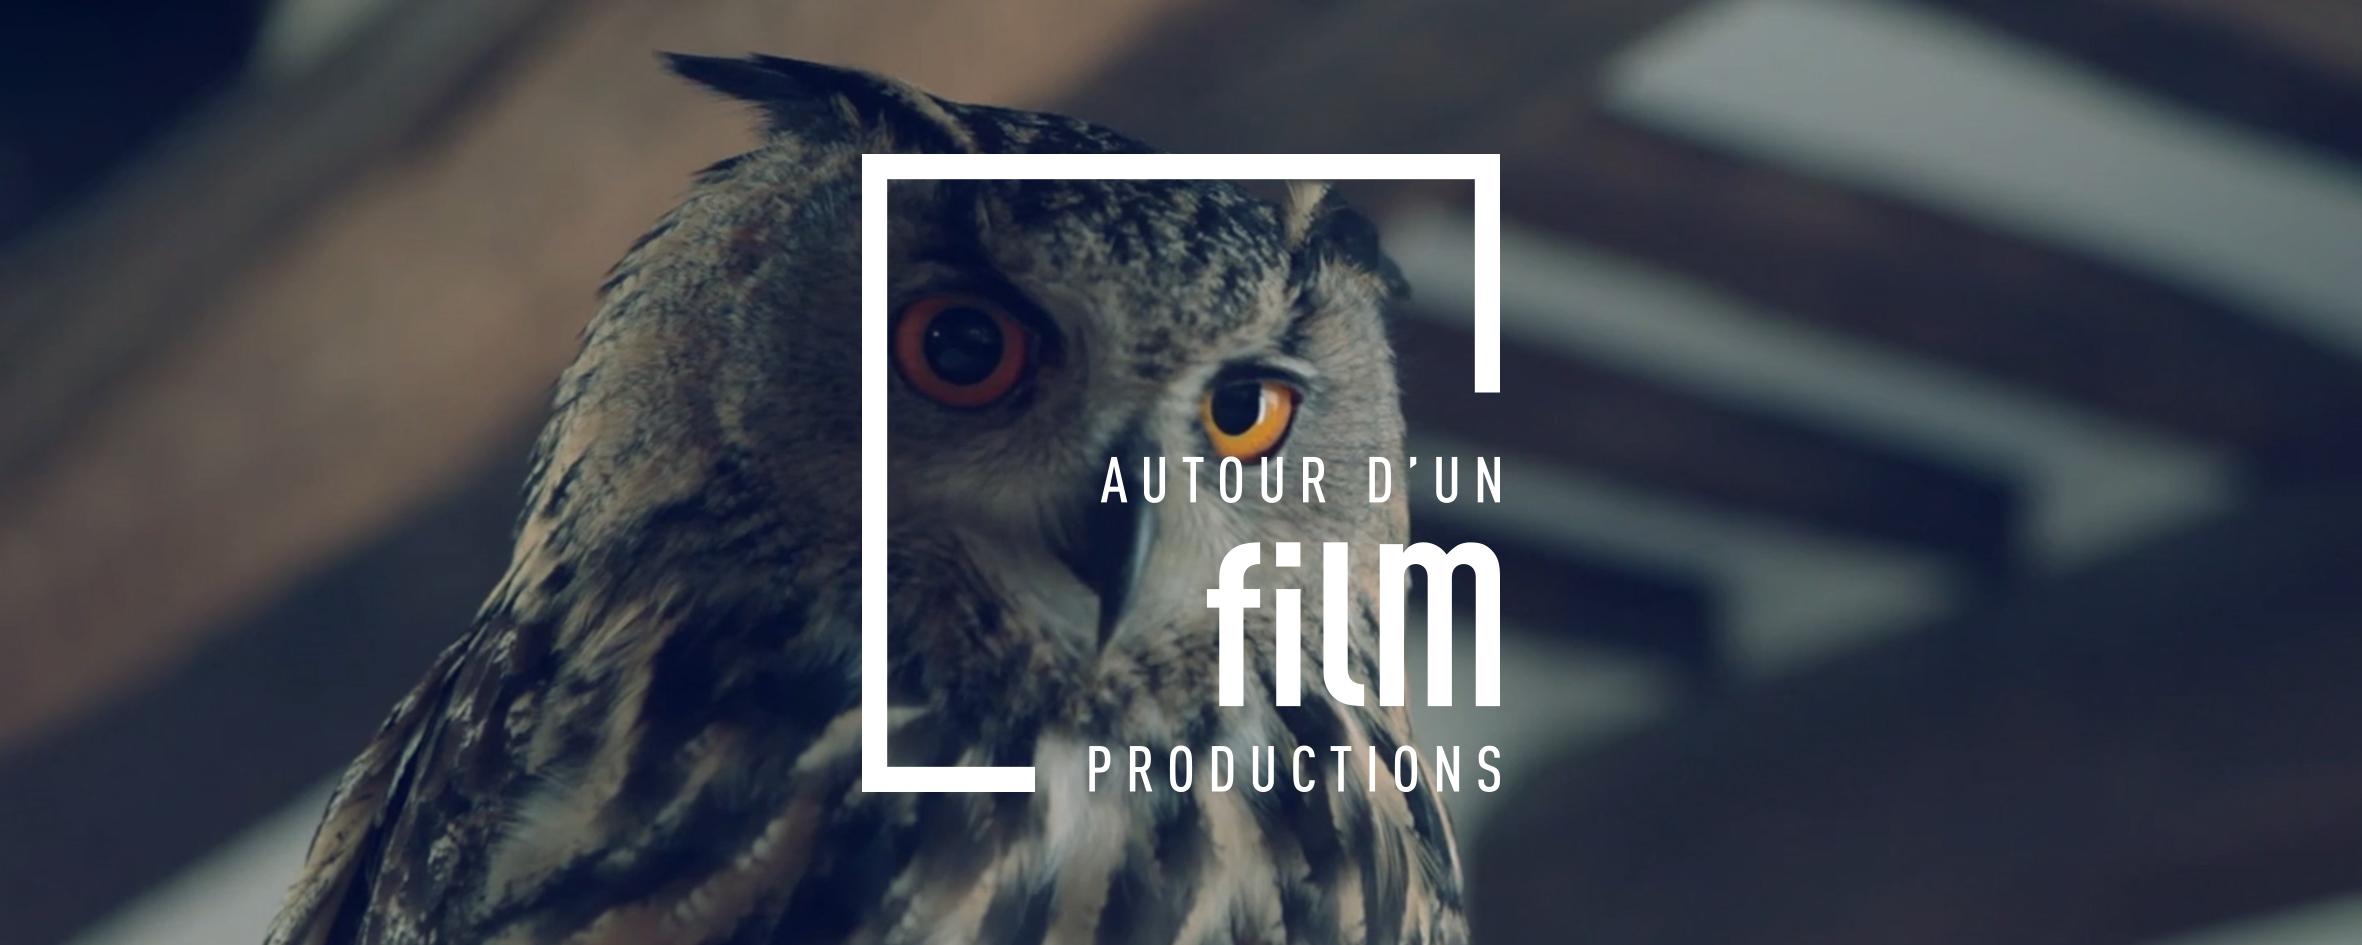 autour-d-un-film-productions